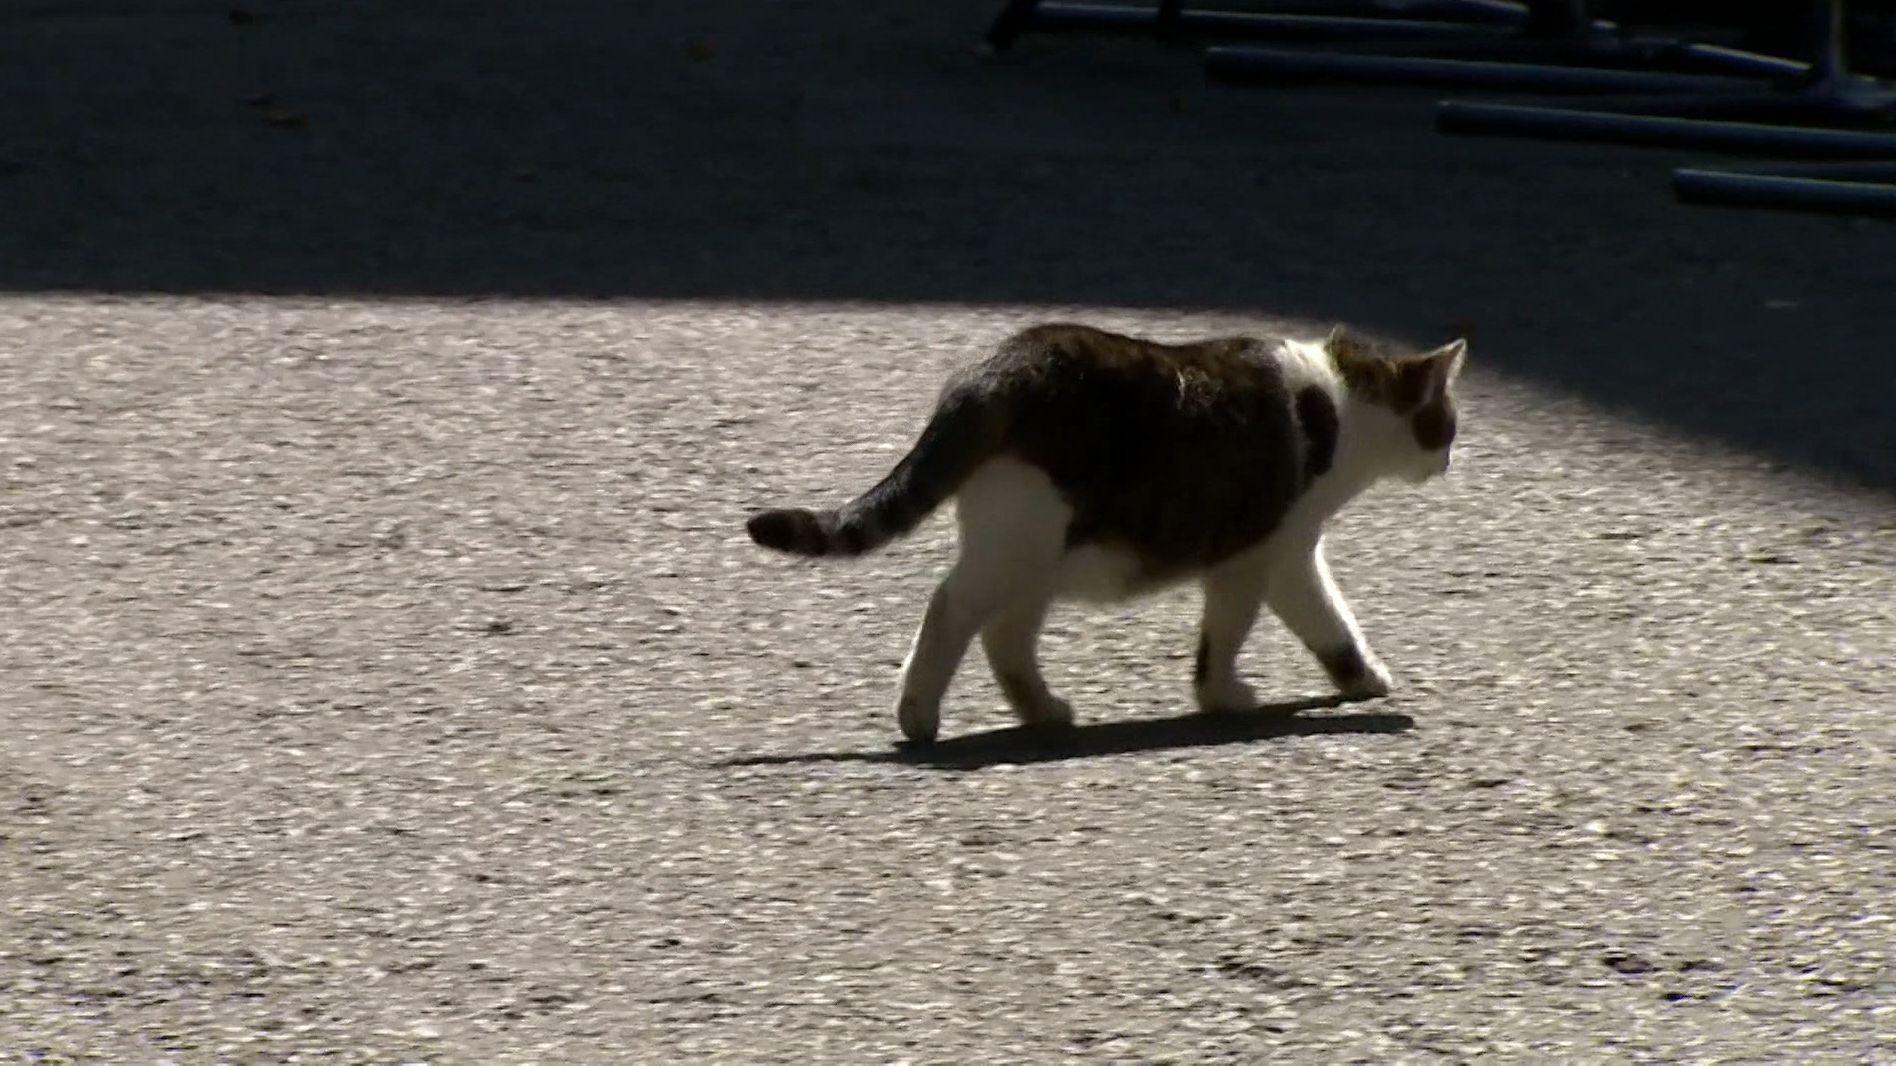 Larry the Cat